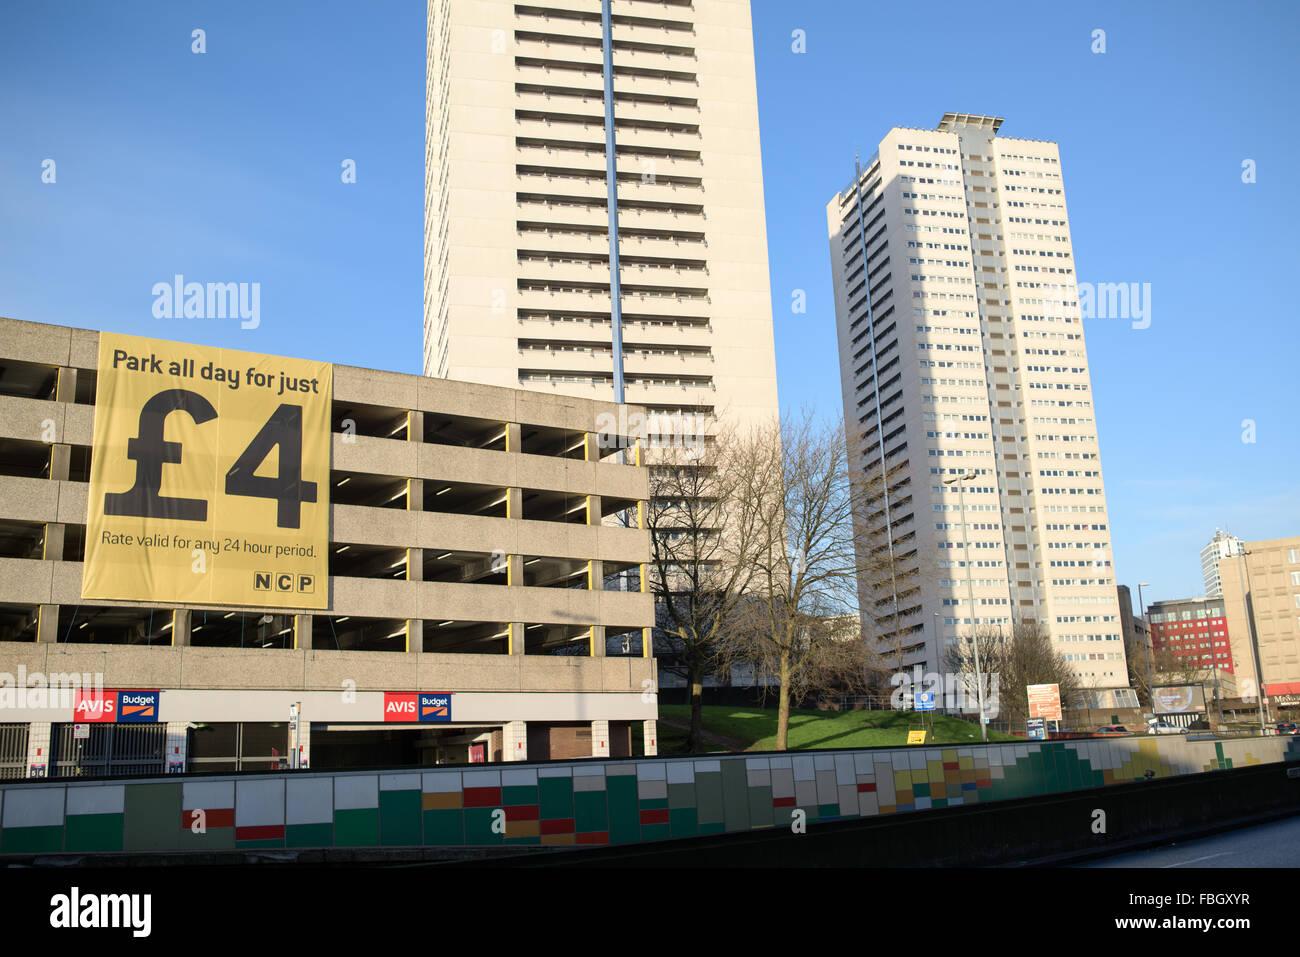 Car Parks For Sale West Midlands